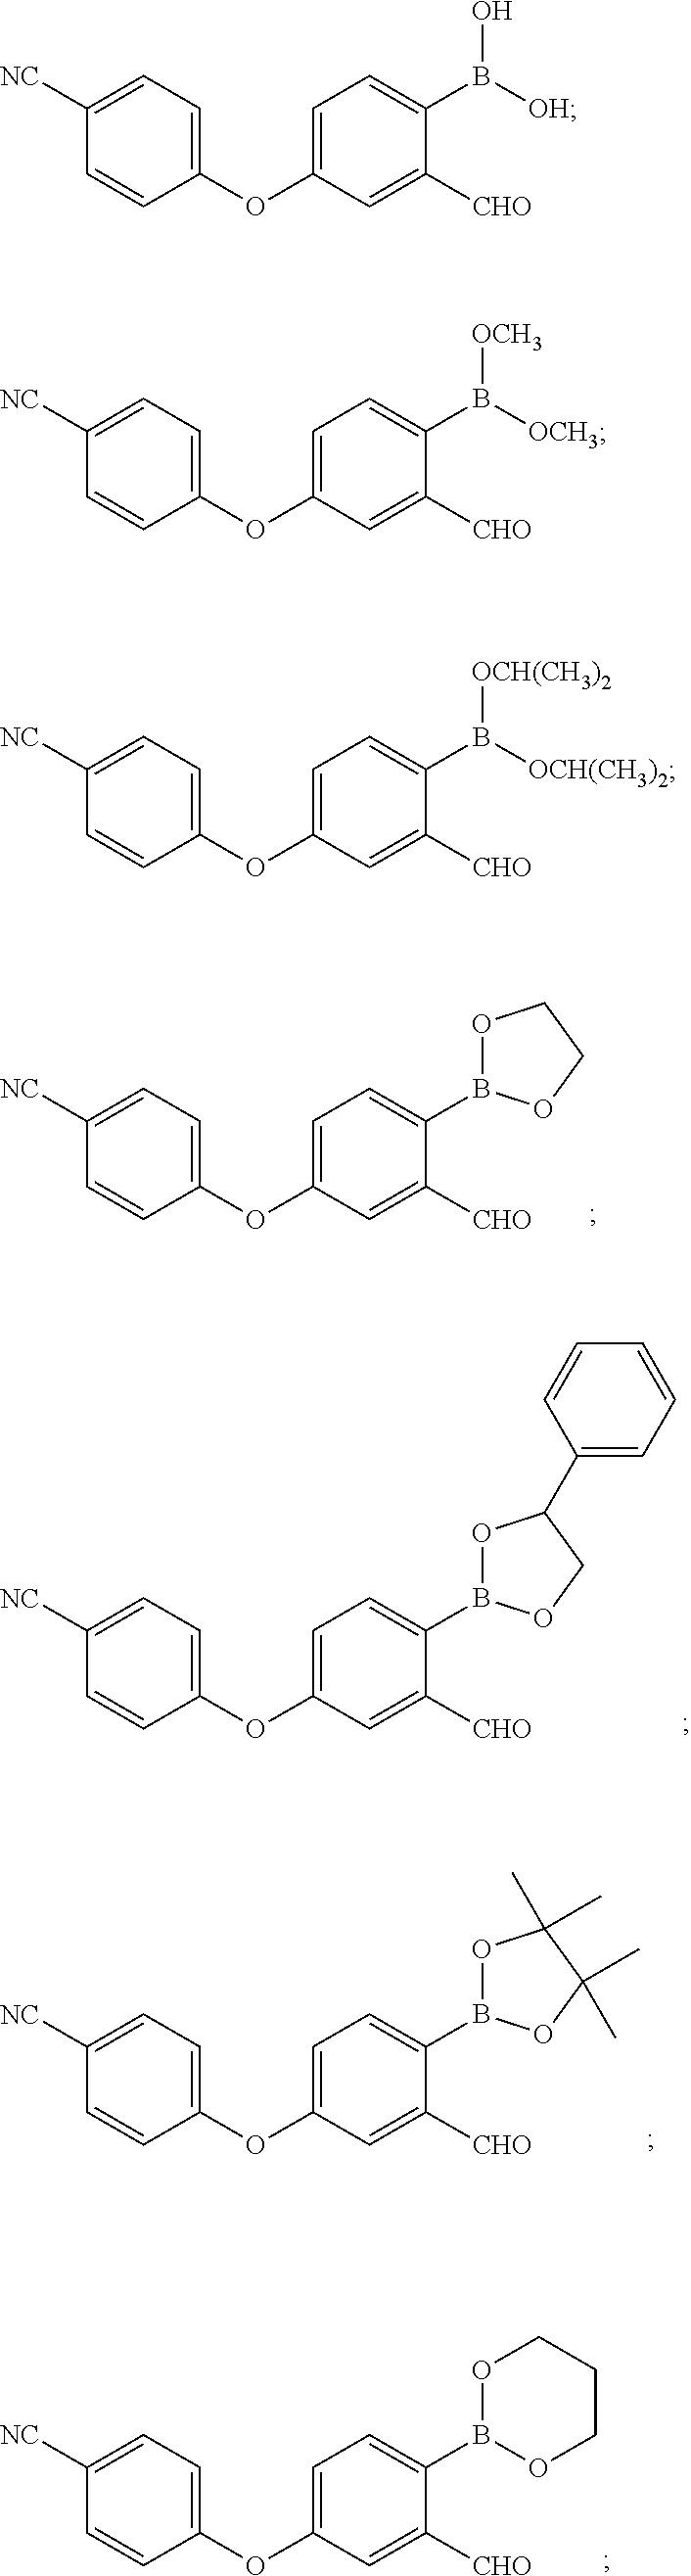 Figure US09353133-20160531-C00094